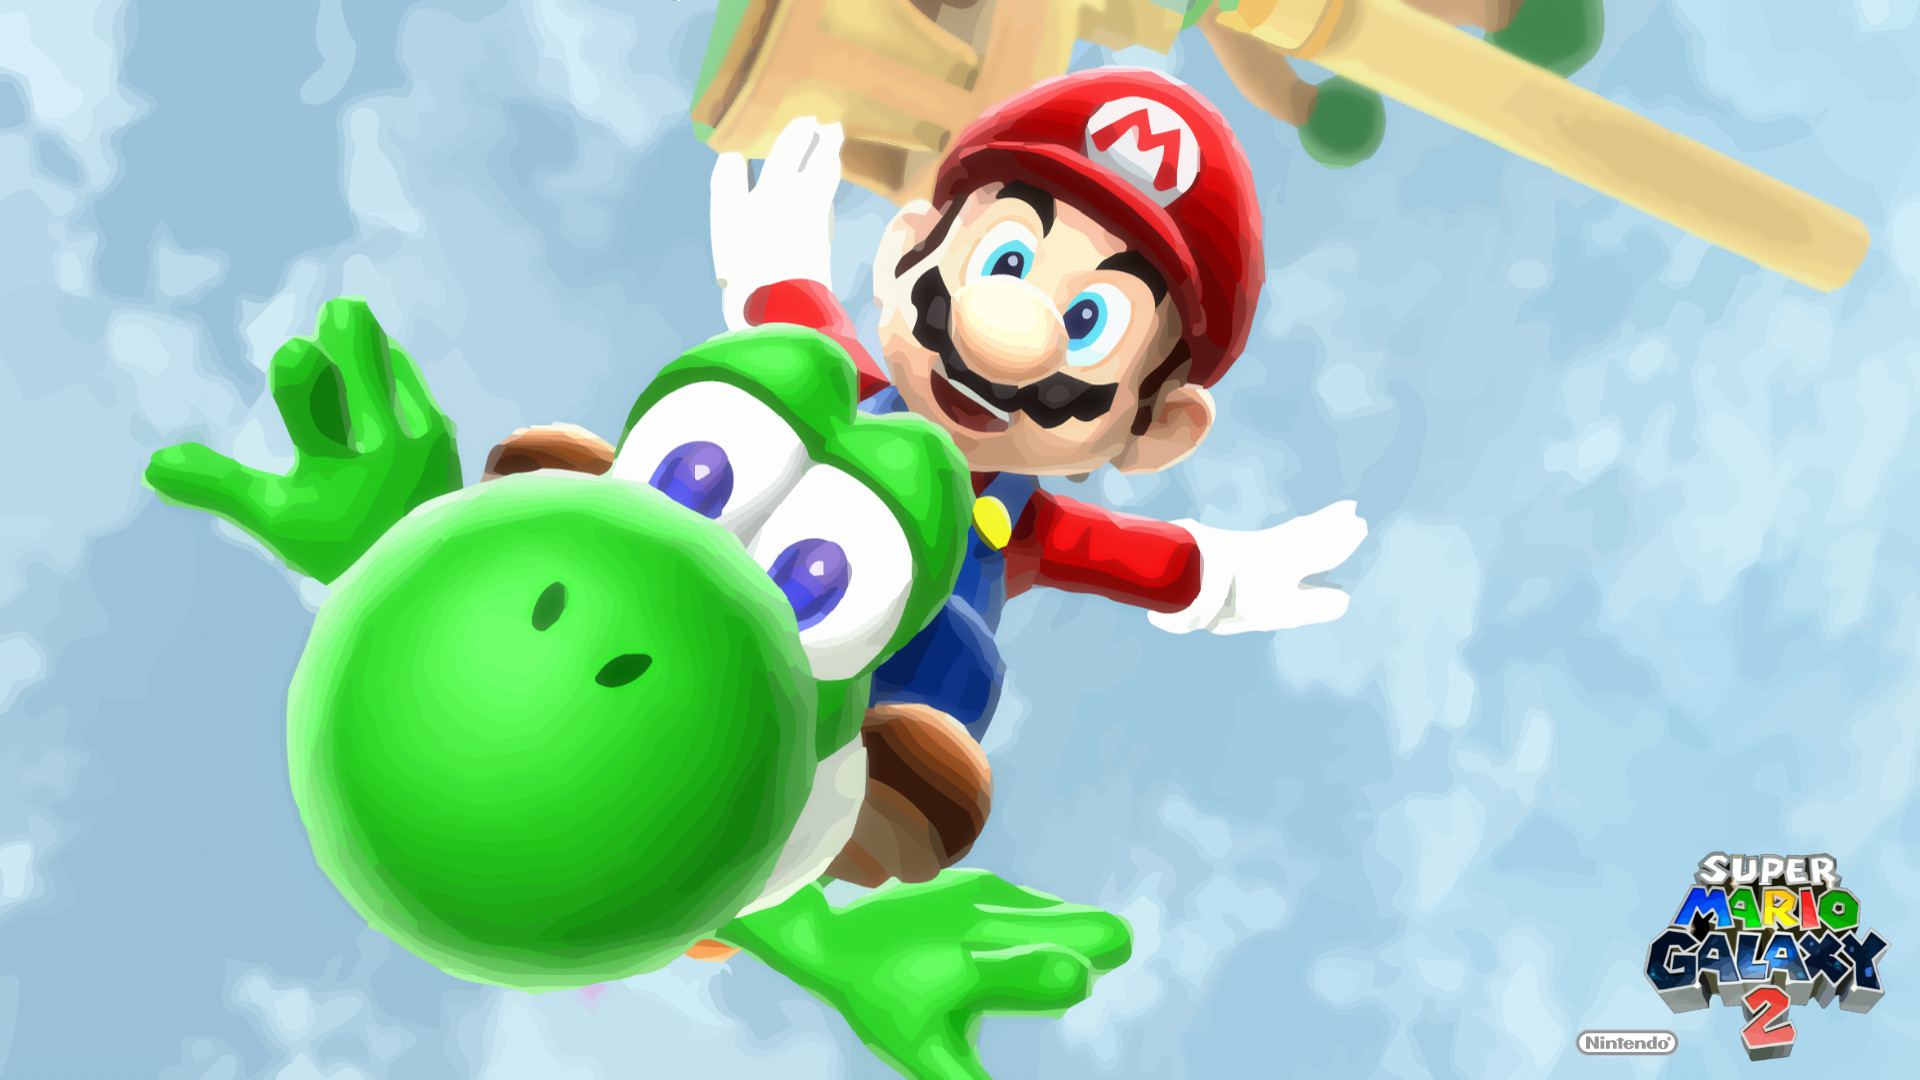 Super Mario Galaxy 4 Wallpaper Super Mario Games (40 Wallpapers)